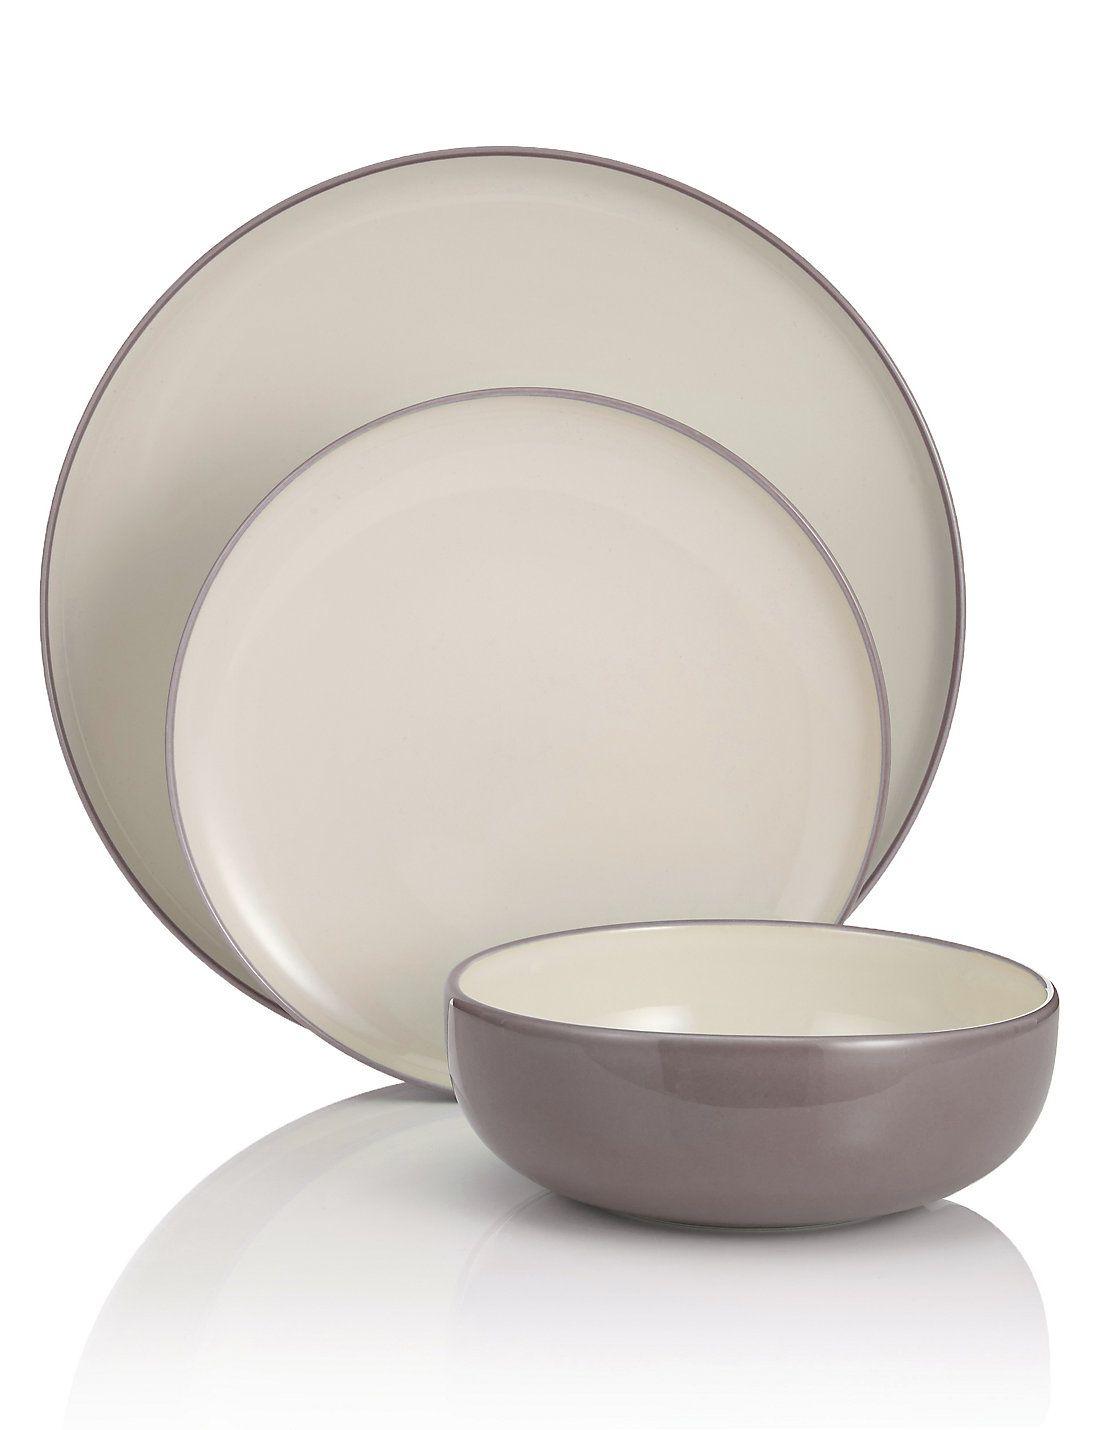 Dinner Sets | Dinner Plate Sets \u0026 China Dinner Sets | M\u0026S  sc 1 st  Pinterest & Dinner Sets | Dinner Plate Sets \u0026 China Dinner Sets | M\u0026S | House ...